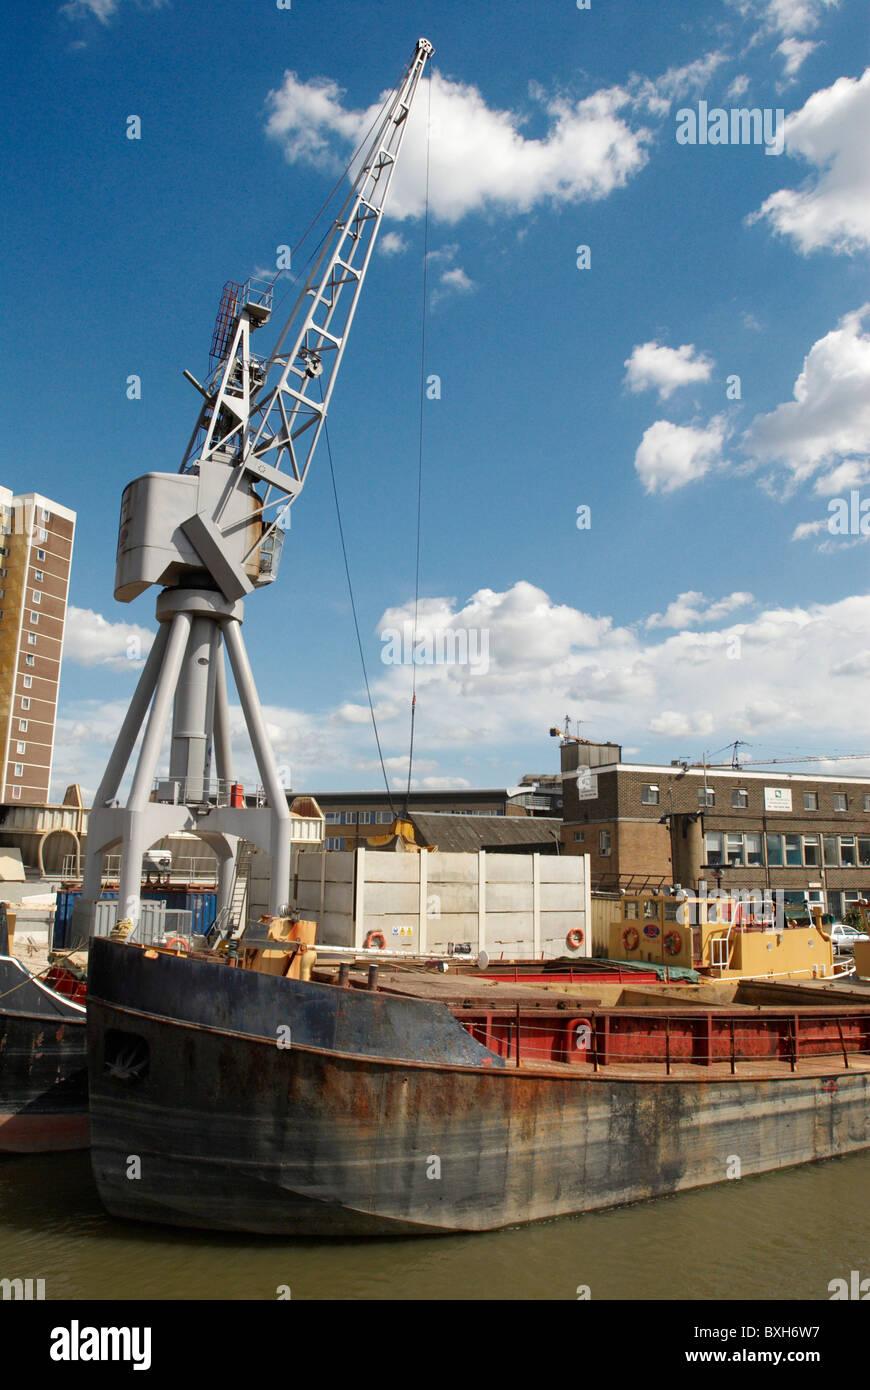 Agregado y una barcaza grúa sudoriental de Greenwich, Londres, Gran Bretaña. Imagen De Stock